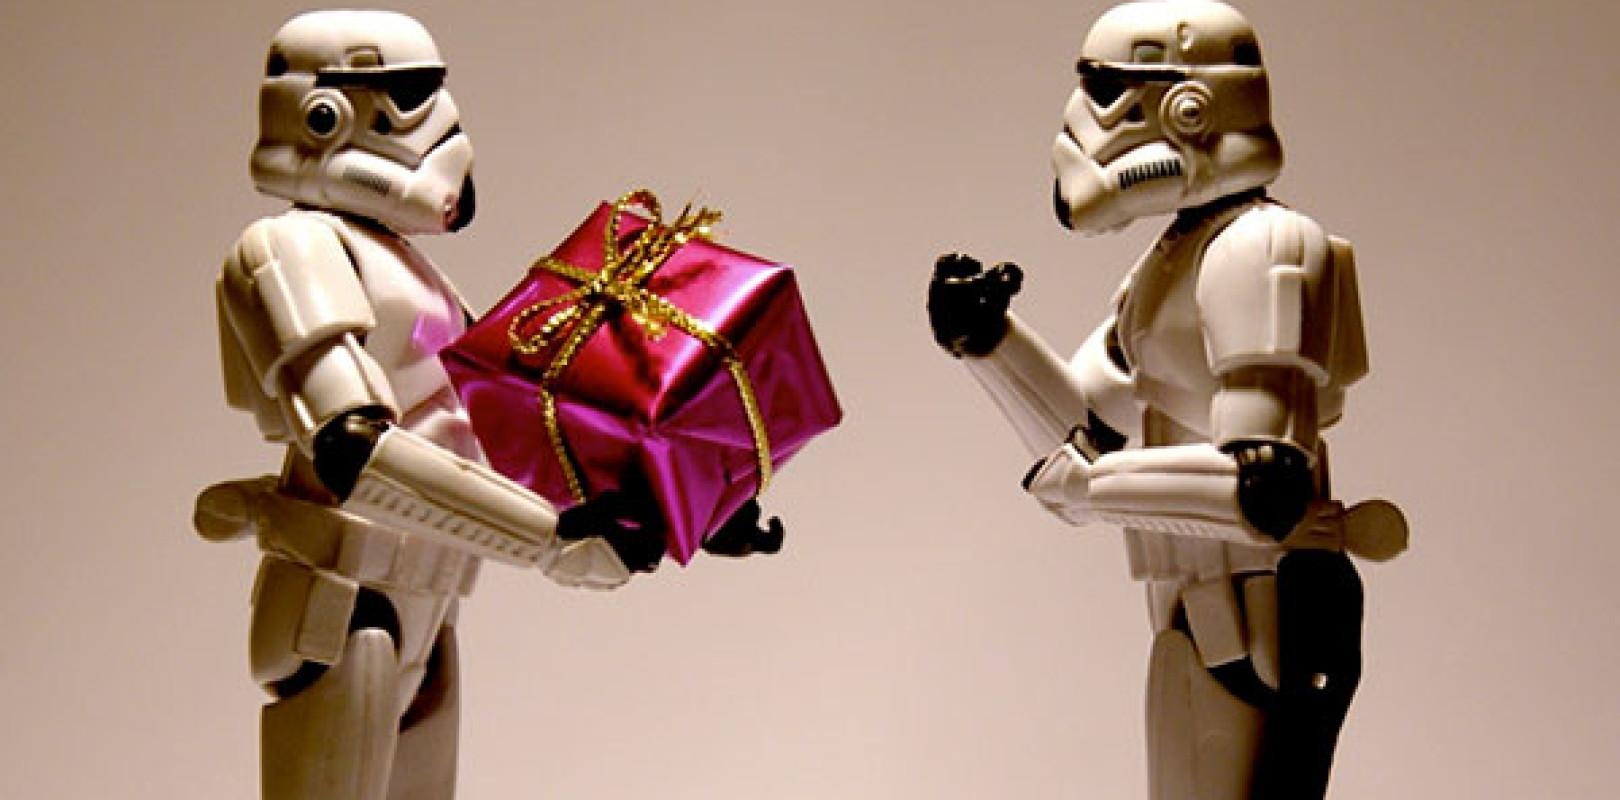 Regali Di Natale Che Costano Poco.Star Wars Tutti I Regali Di Natale Che Non Sapevi Di Volere Nerdgate